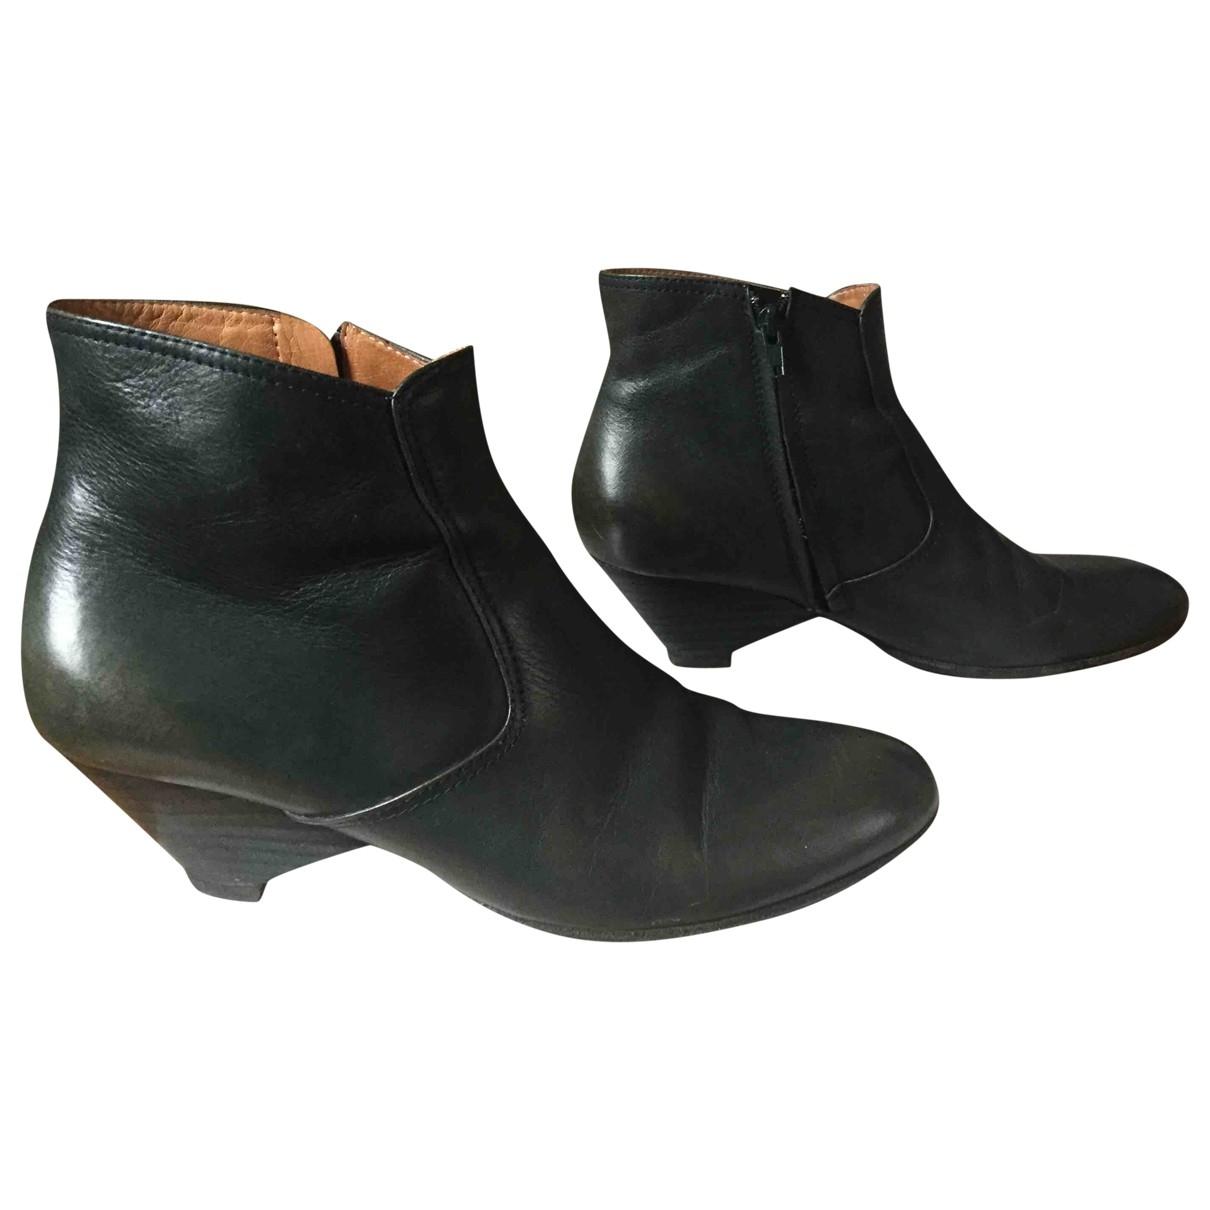 Maison Martin Margiela - Boots   pour femme en cuir - vert